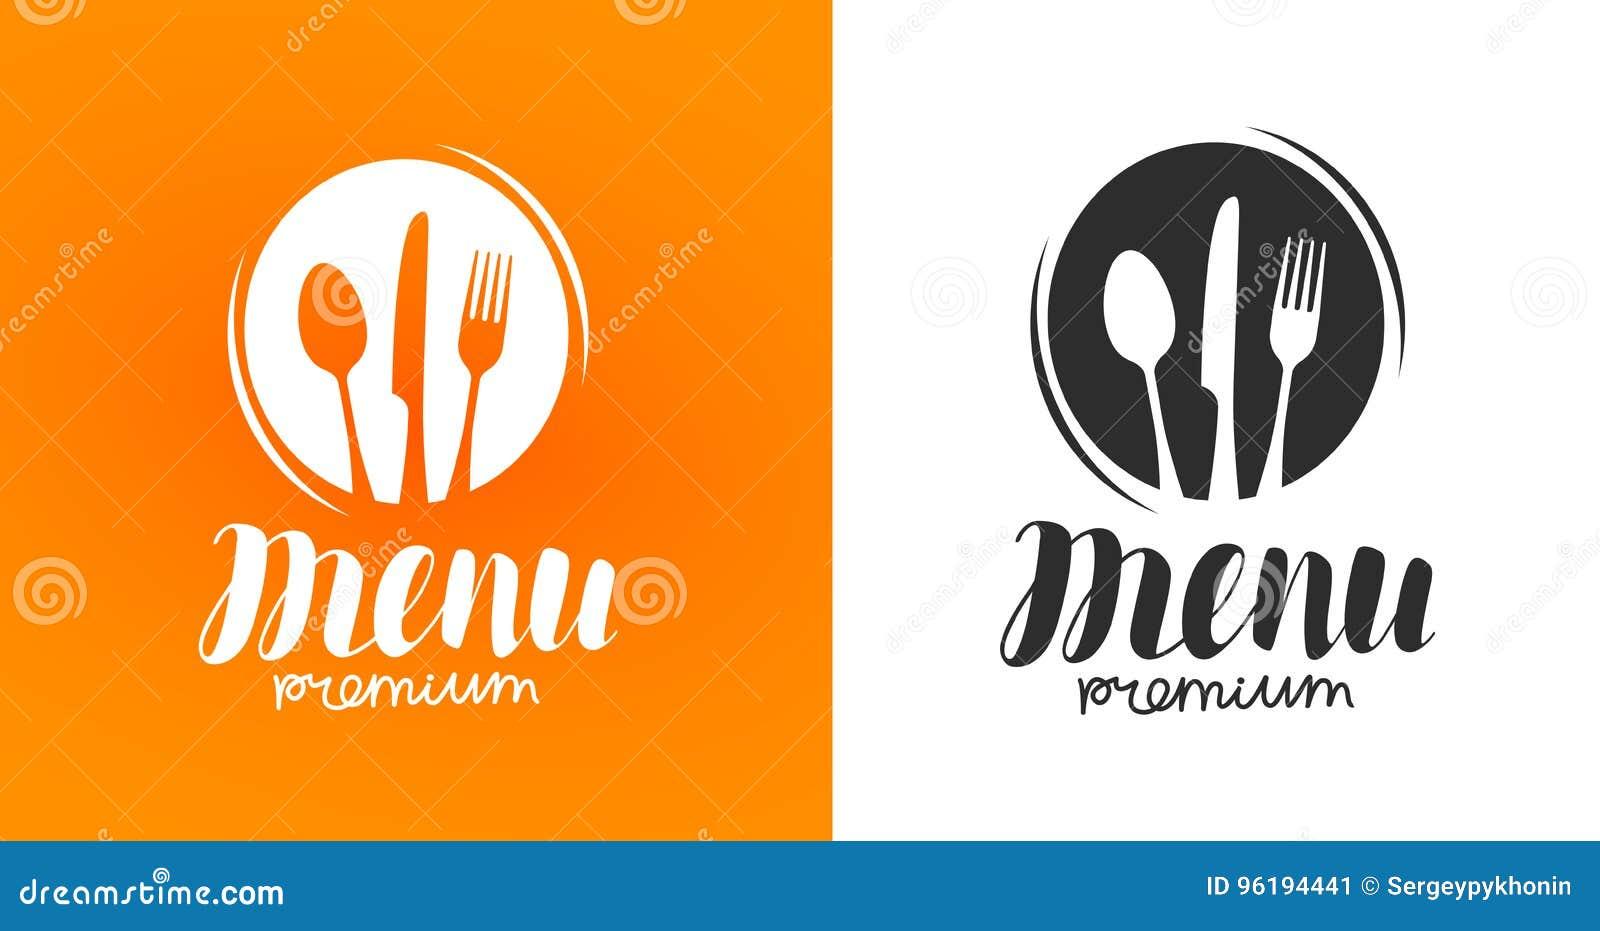 Cucinando Logo Di Cucina Icona Ed Etichetta Per Il Ristorante O Il